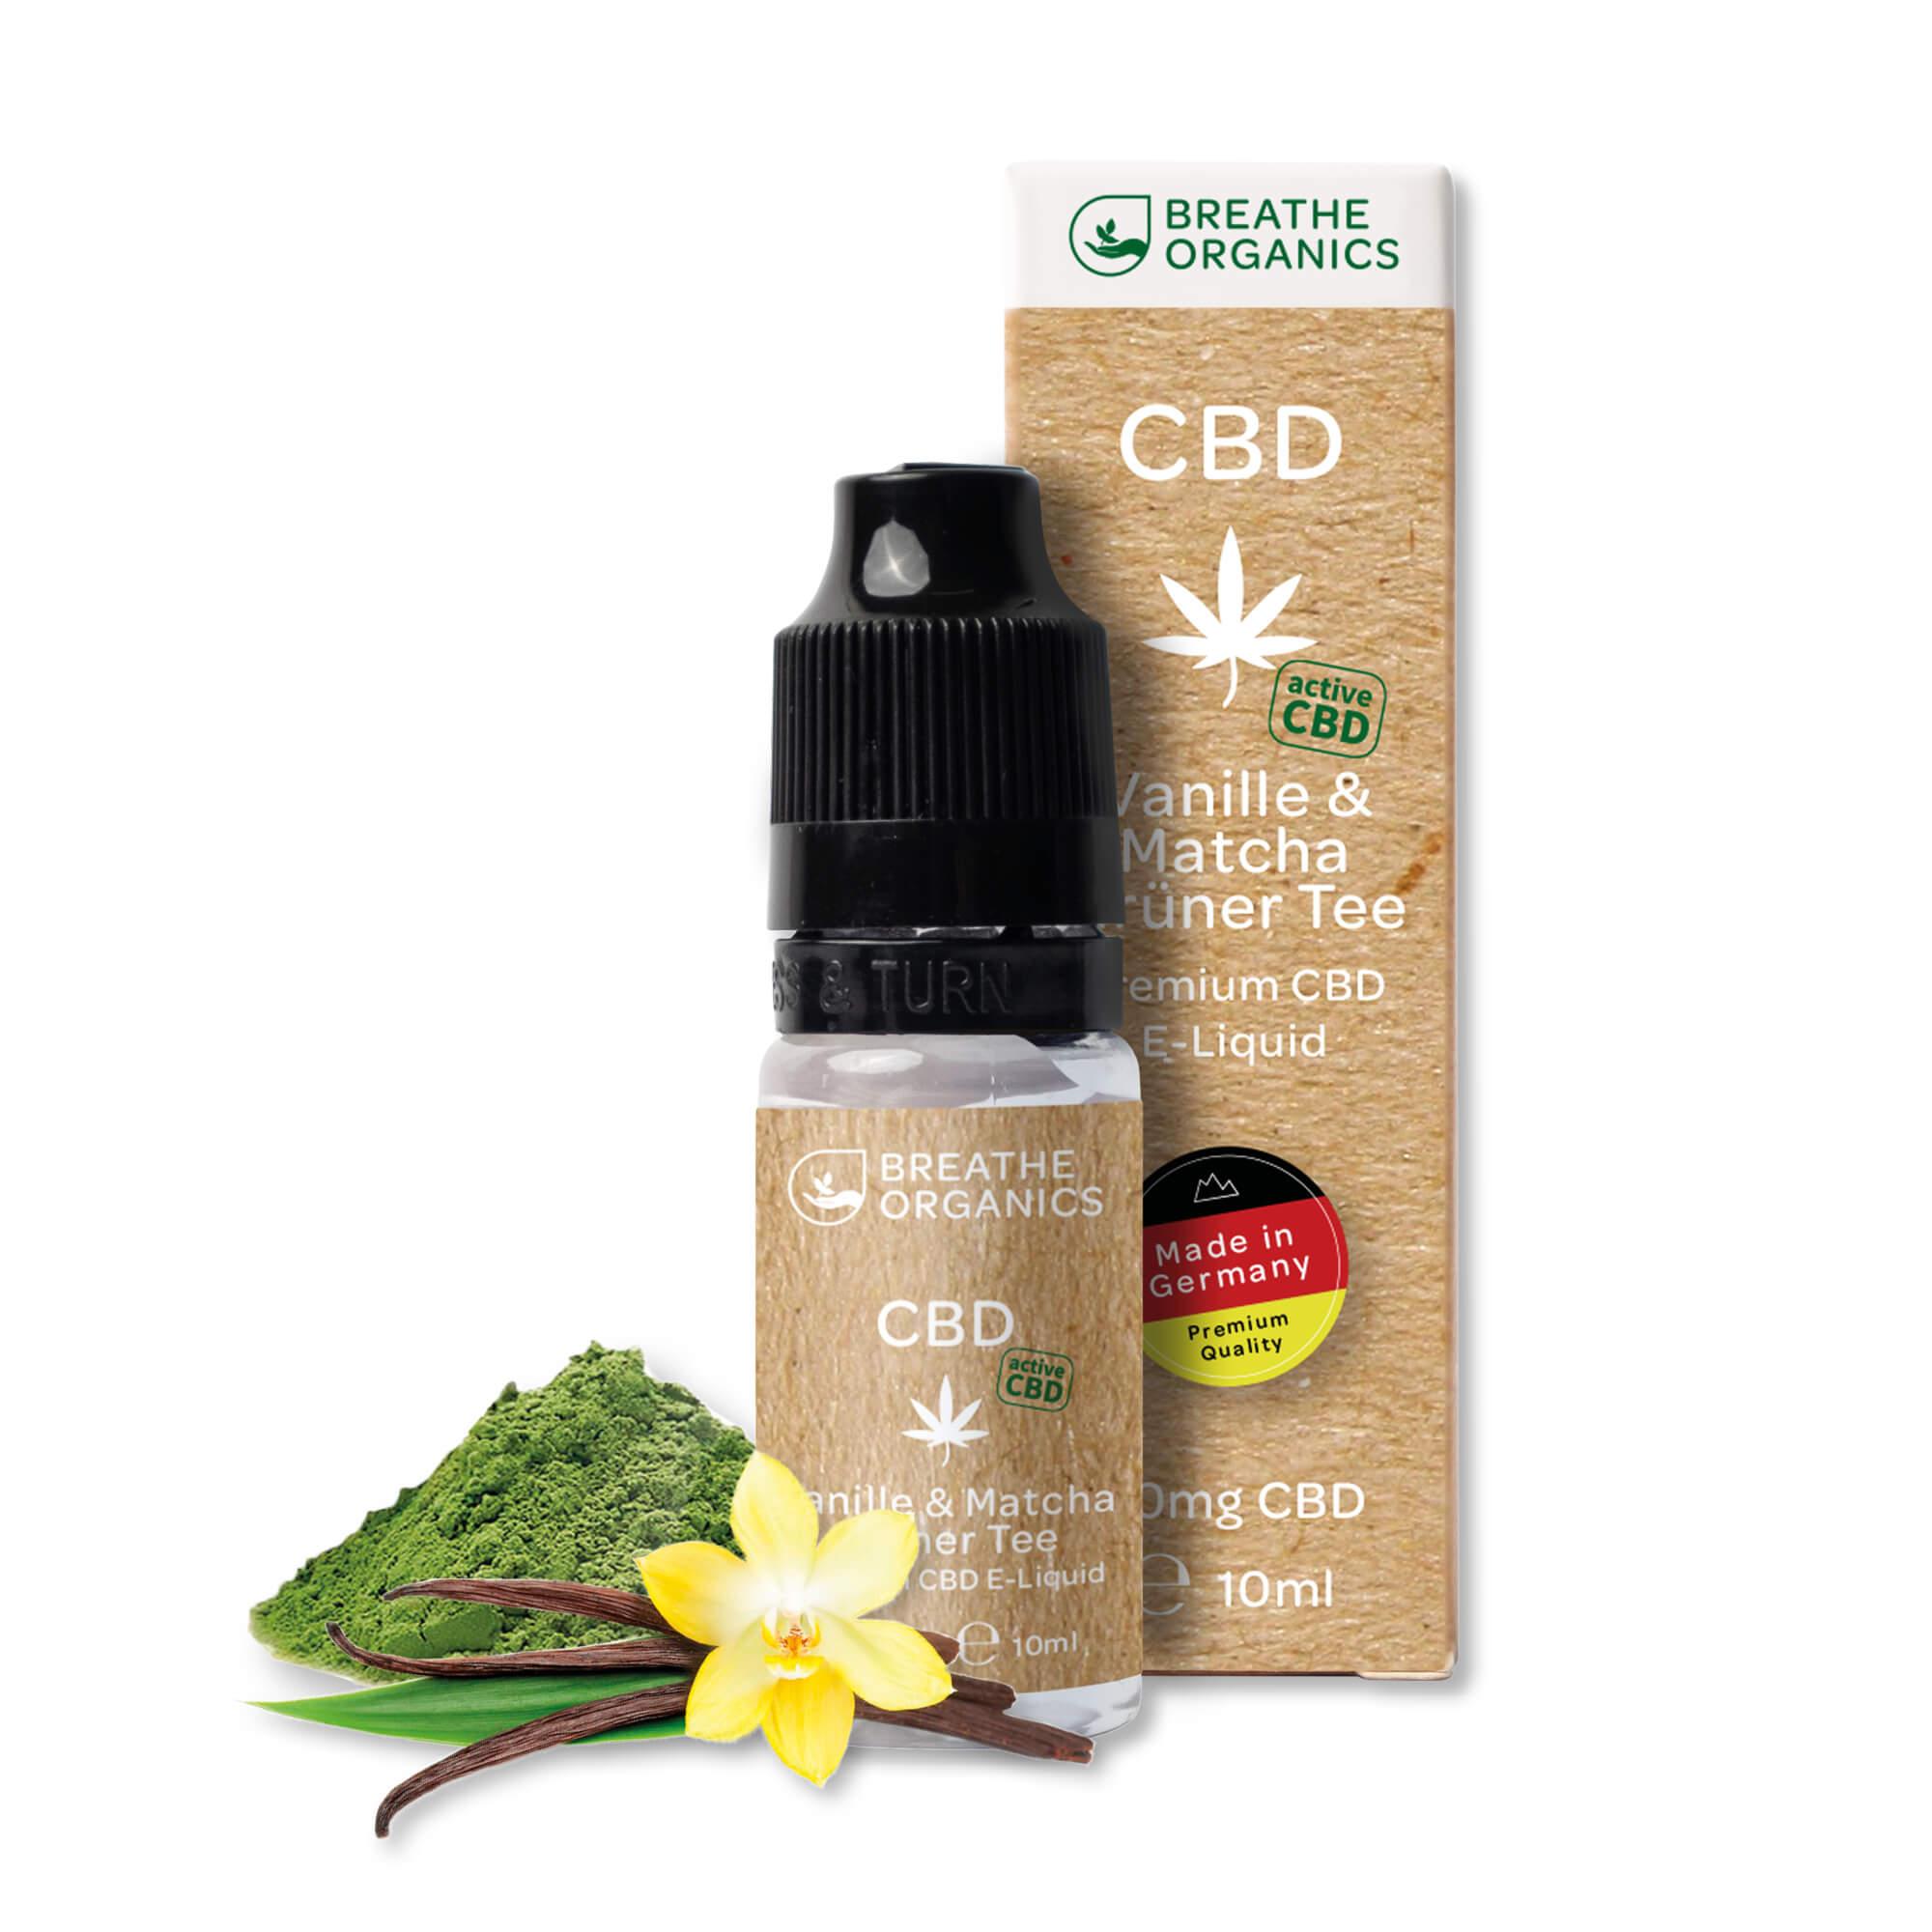 Liquid 600mg Vanille & Matcha Grüner Tee - Breathe Organics